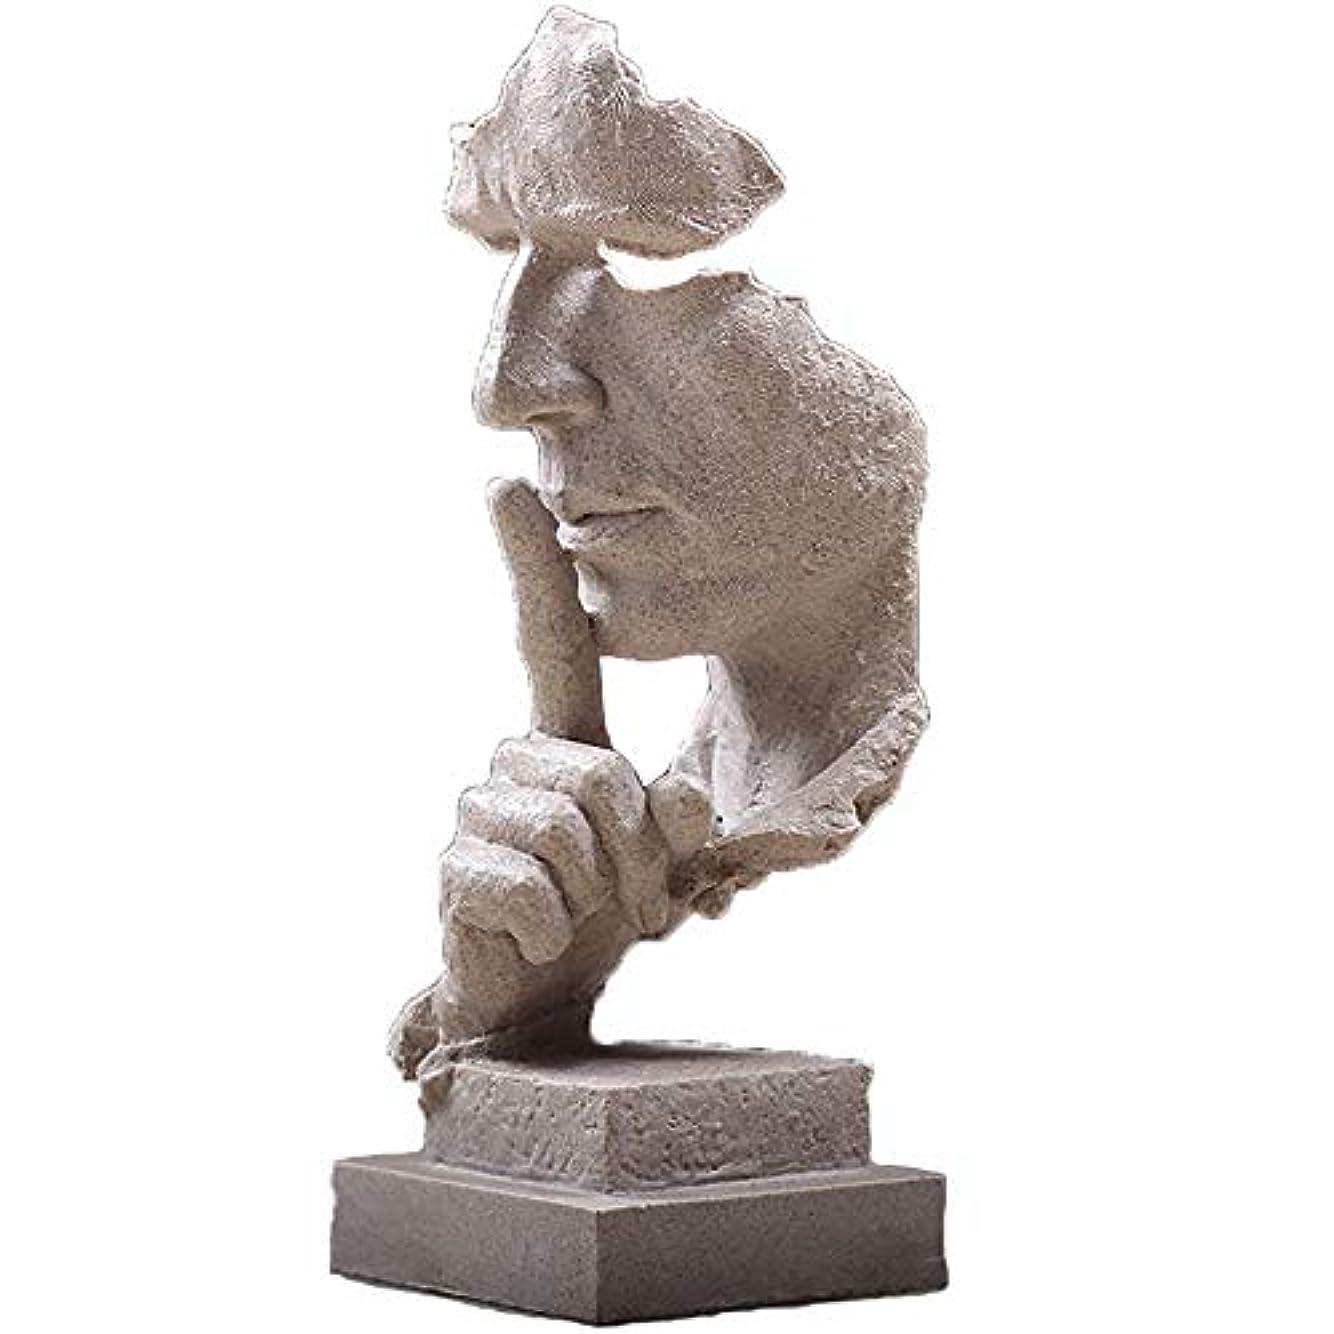 過去が欲しい天の樹脂抽象彫刻沈黙はゴールデン男性像キャラクター工芸品装飾用オフィスリビングルームアートワーク,White